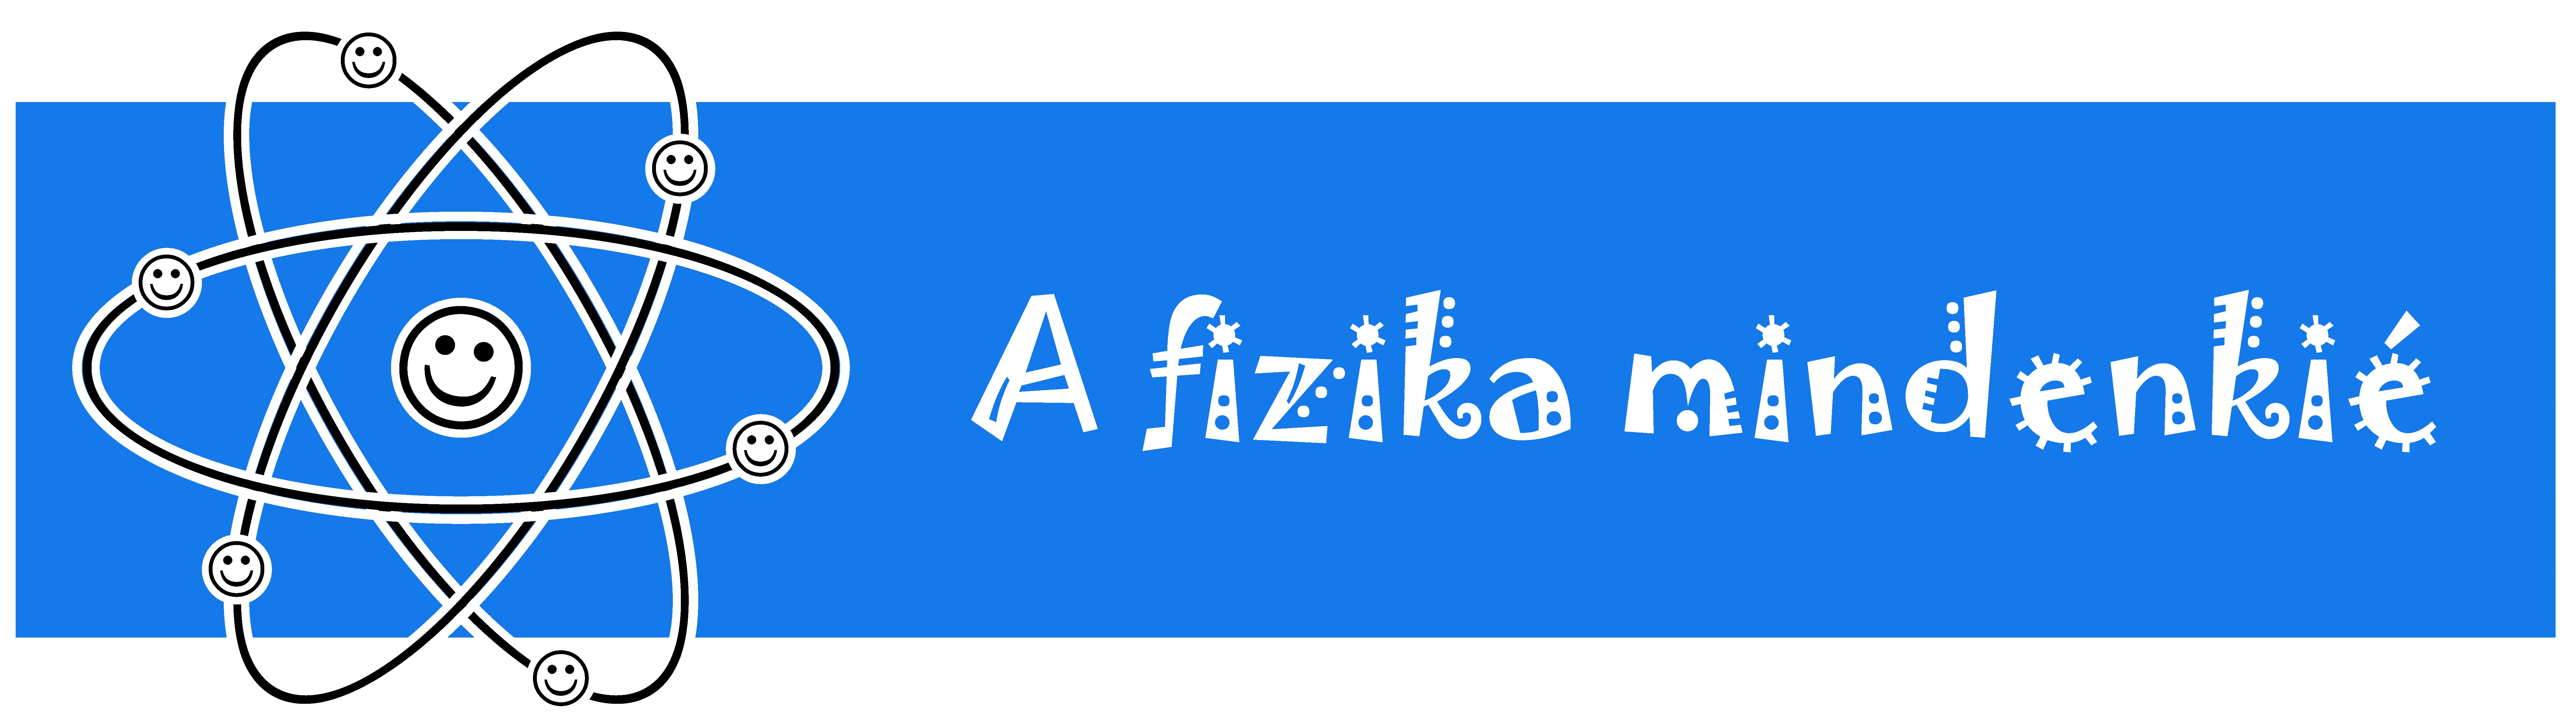 afizikamindenkie_logo